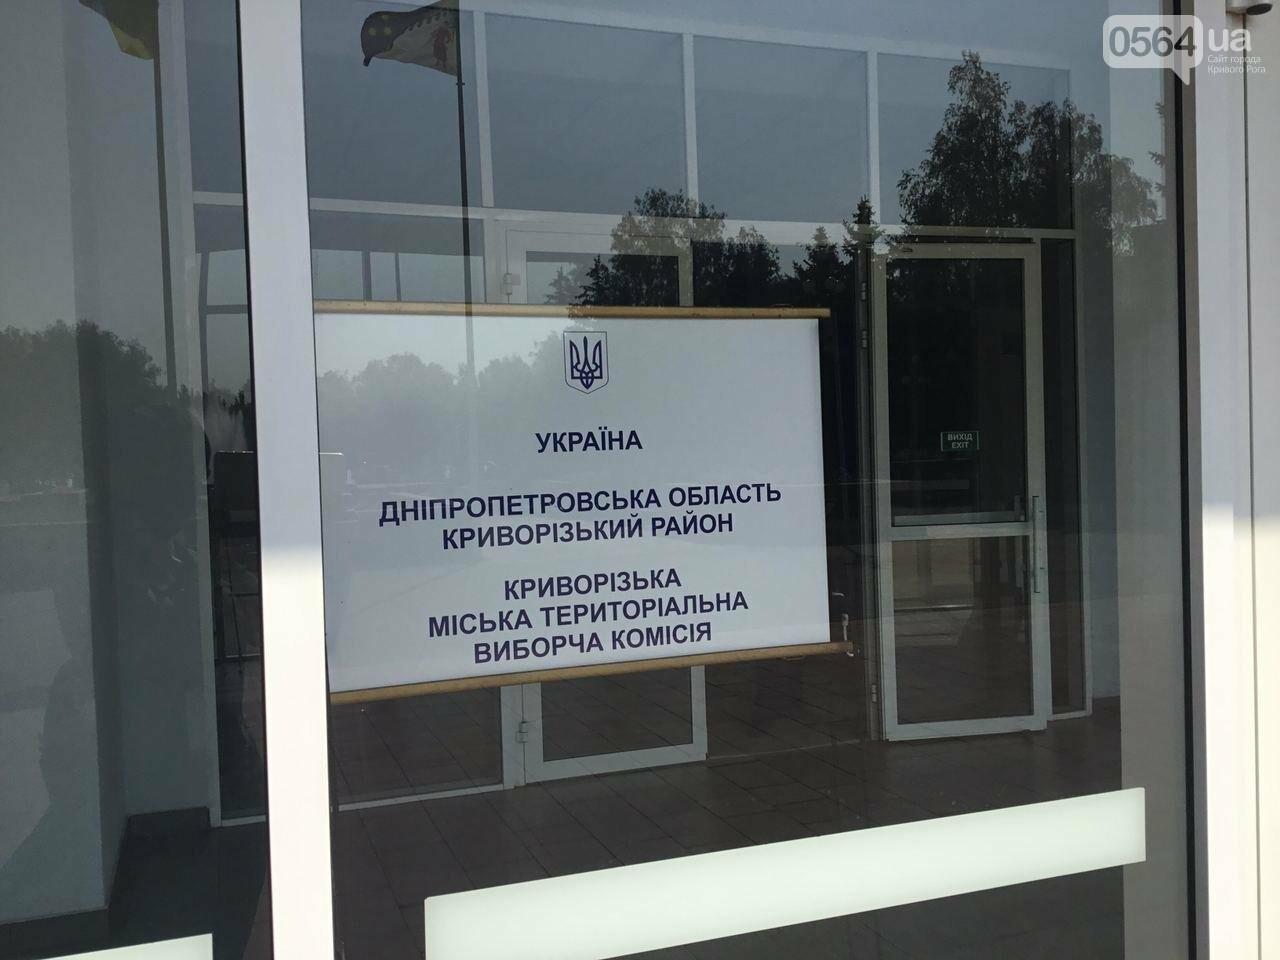 9 кандидатов в мэры и 7 партийных списков, - кого в Кривом Роге зарегистрировали кандидатами в градоначальники, - ФОТО, ВИДЕО, фото-2